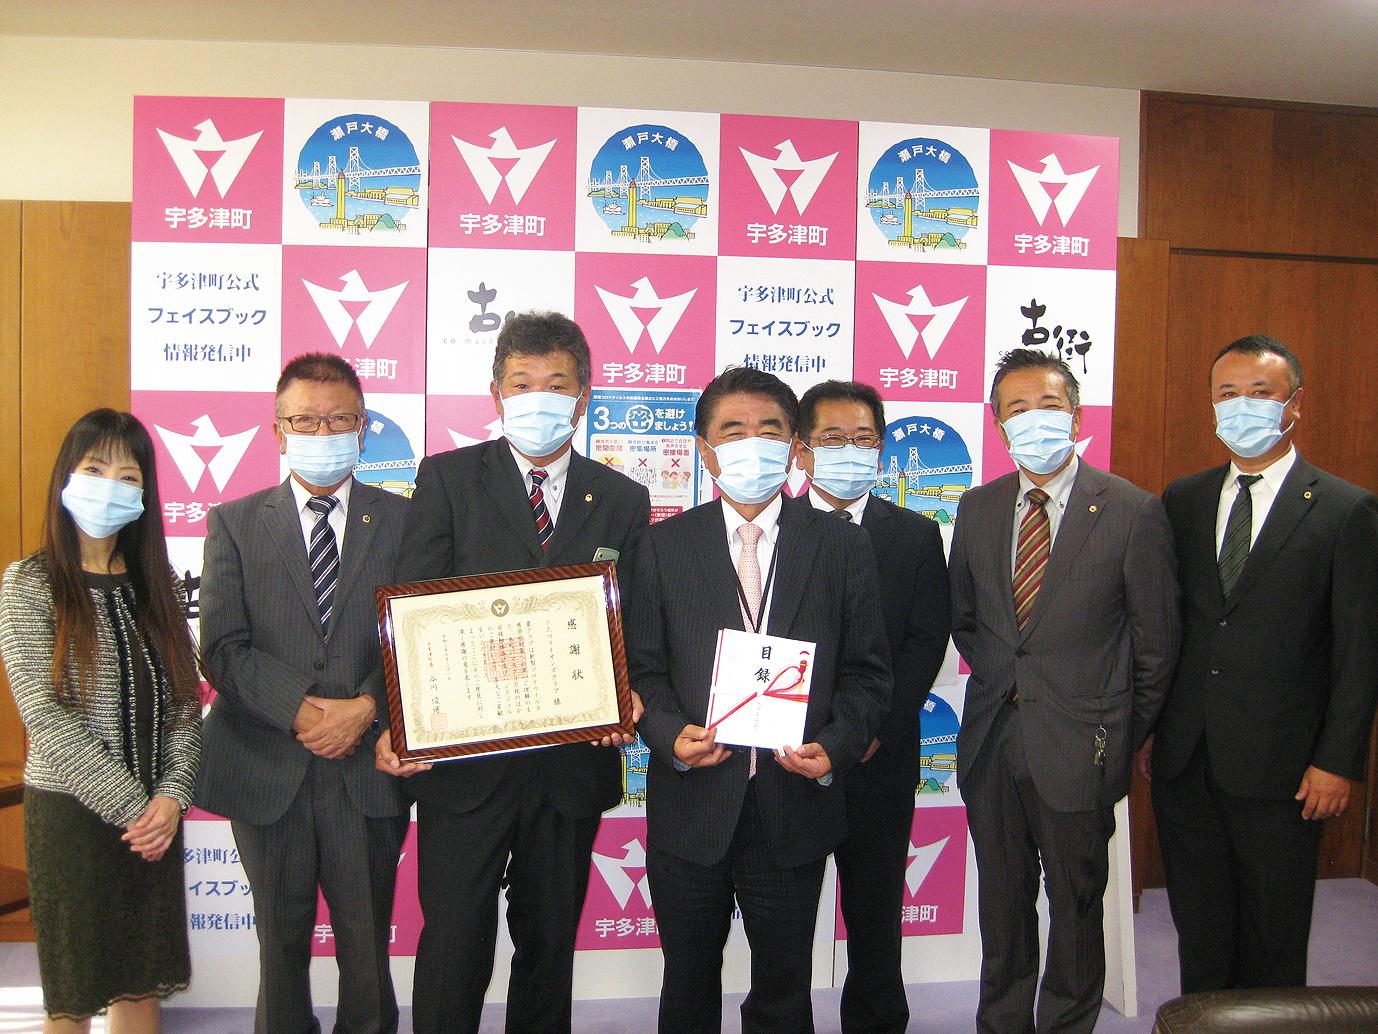 【15周年事業】宇多津町に新型コロナウイルス対策商品を寄贈